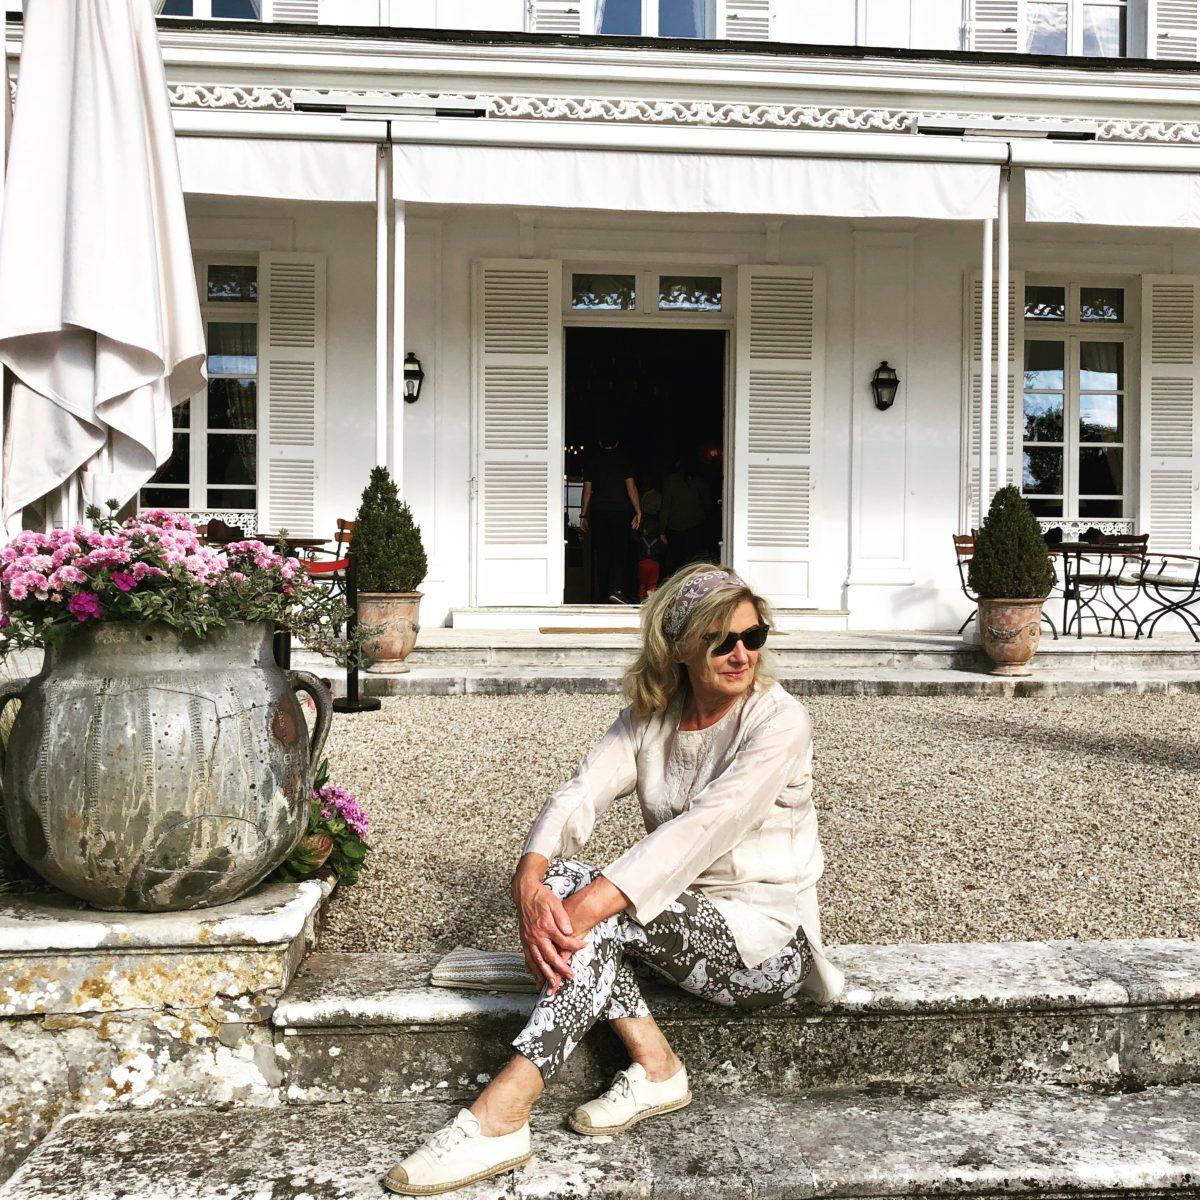 Au chateau de Bagnolet chez hennessy pendant les journées du patrimoine